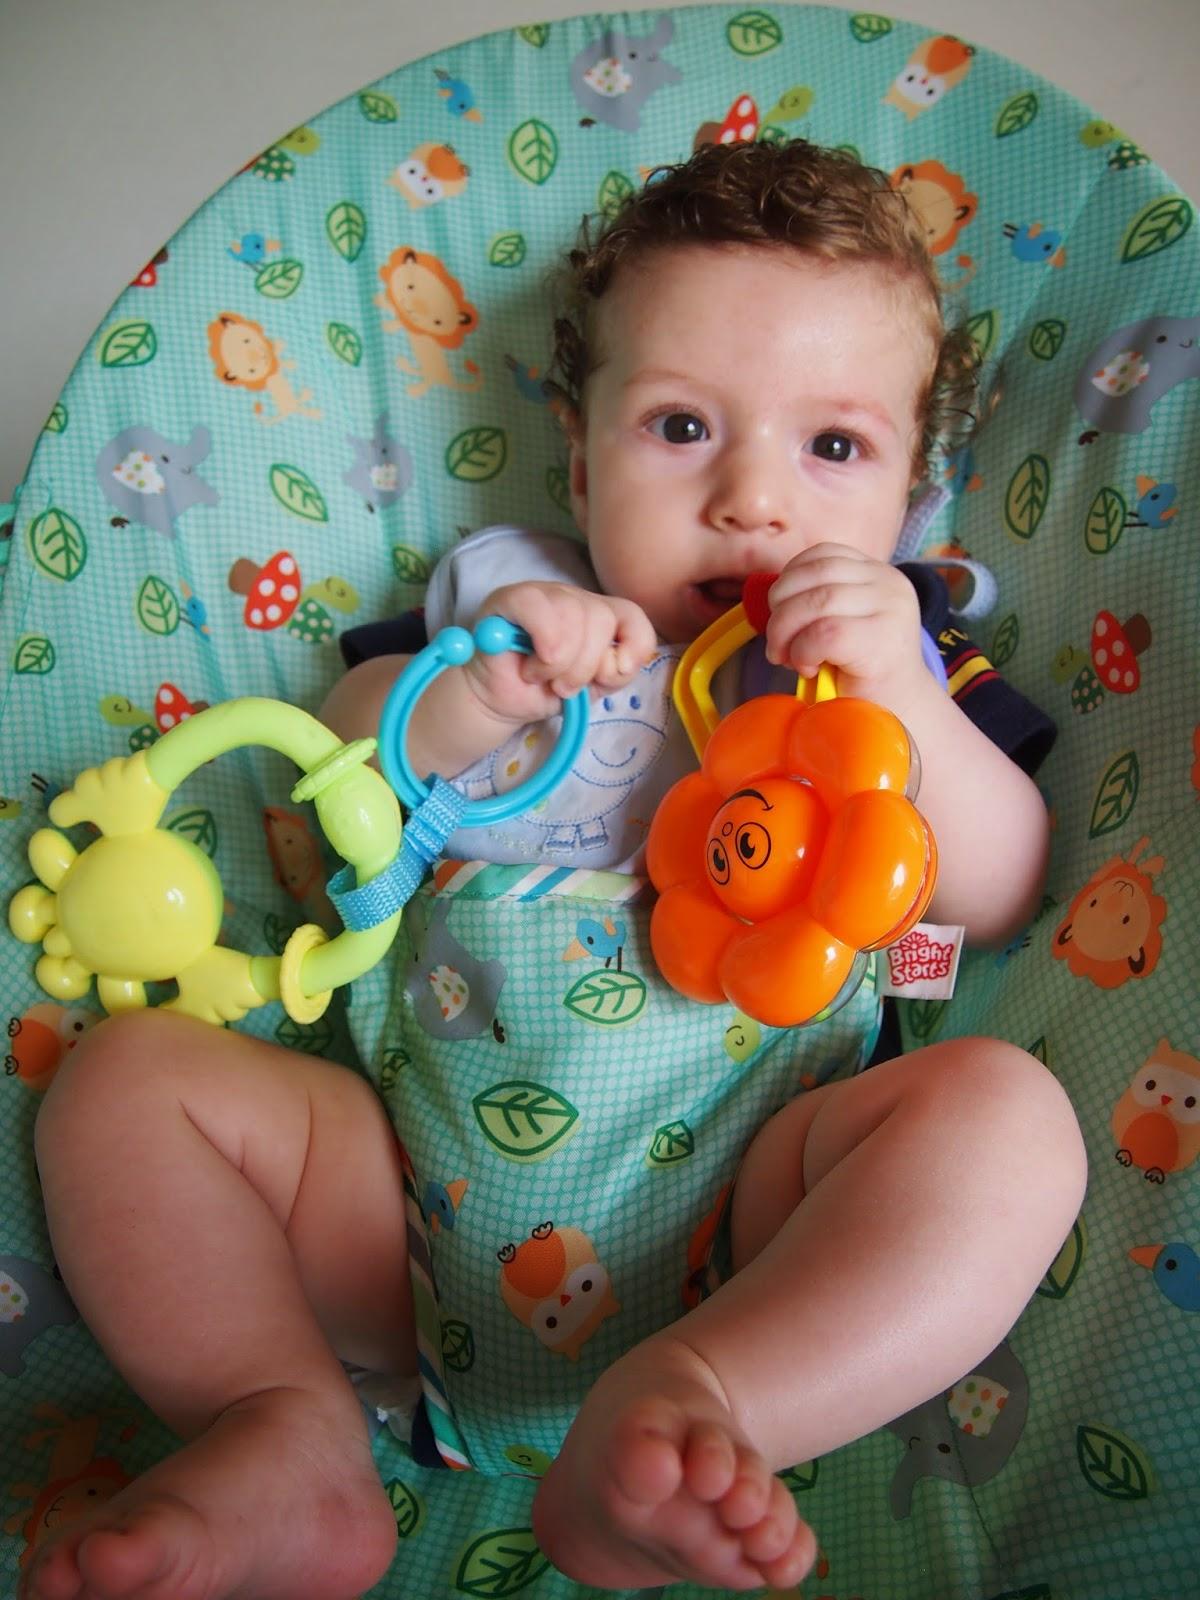 Aprendiendo a jugar con mi beb - Juguetes para bebes de 2 meses ...